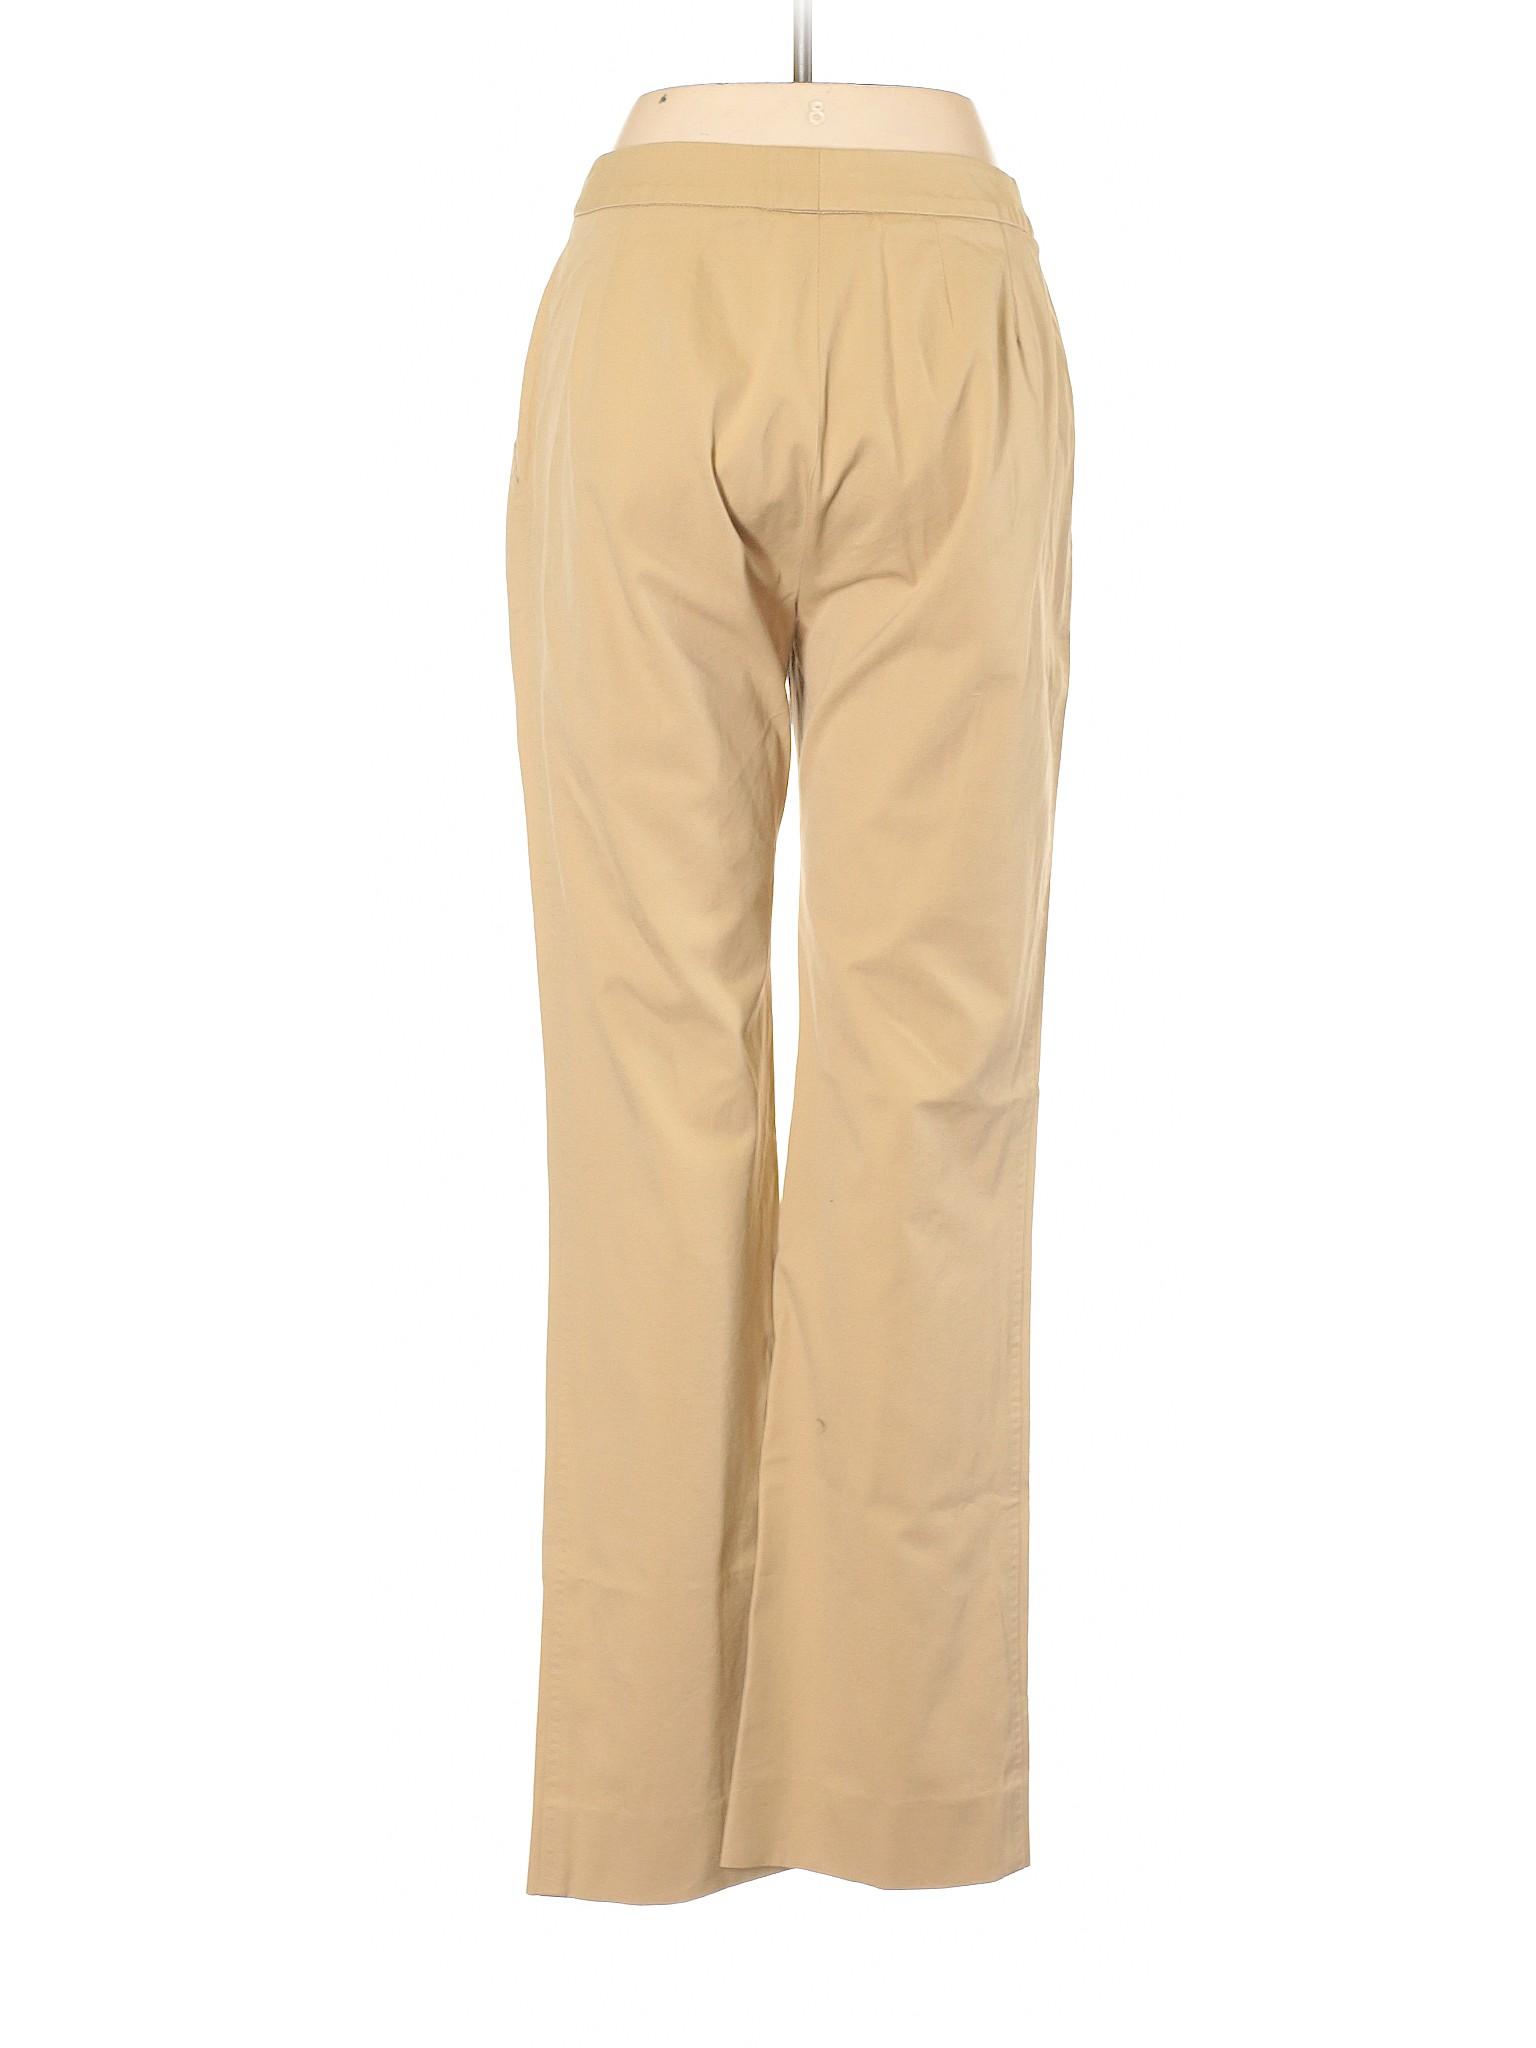 Mara Boutique Dress Pants winter Max qErg0Ew